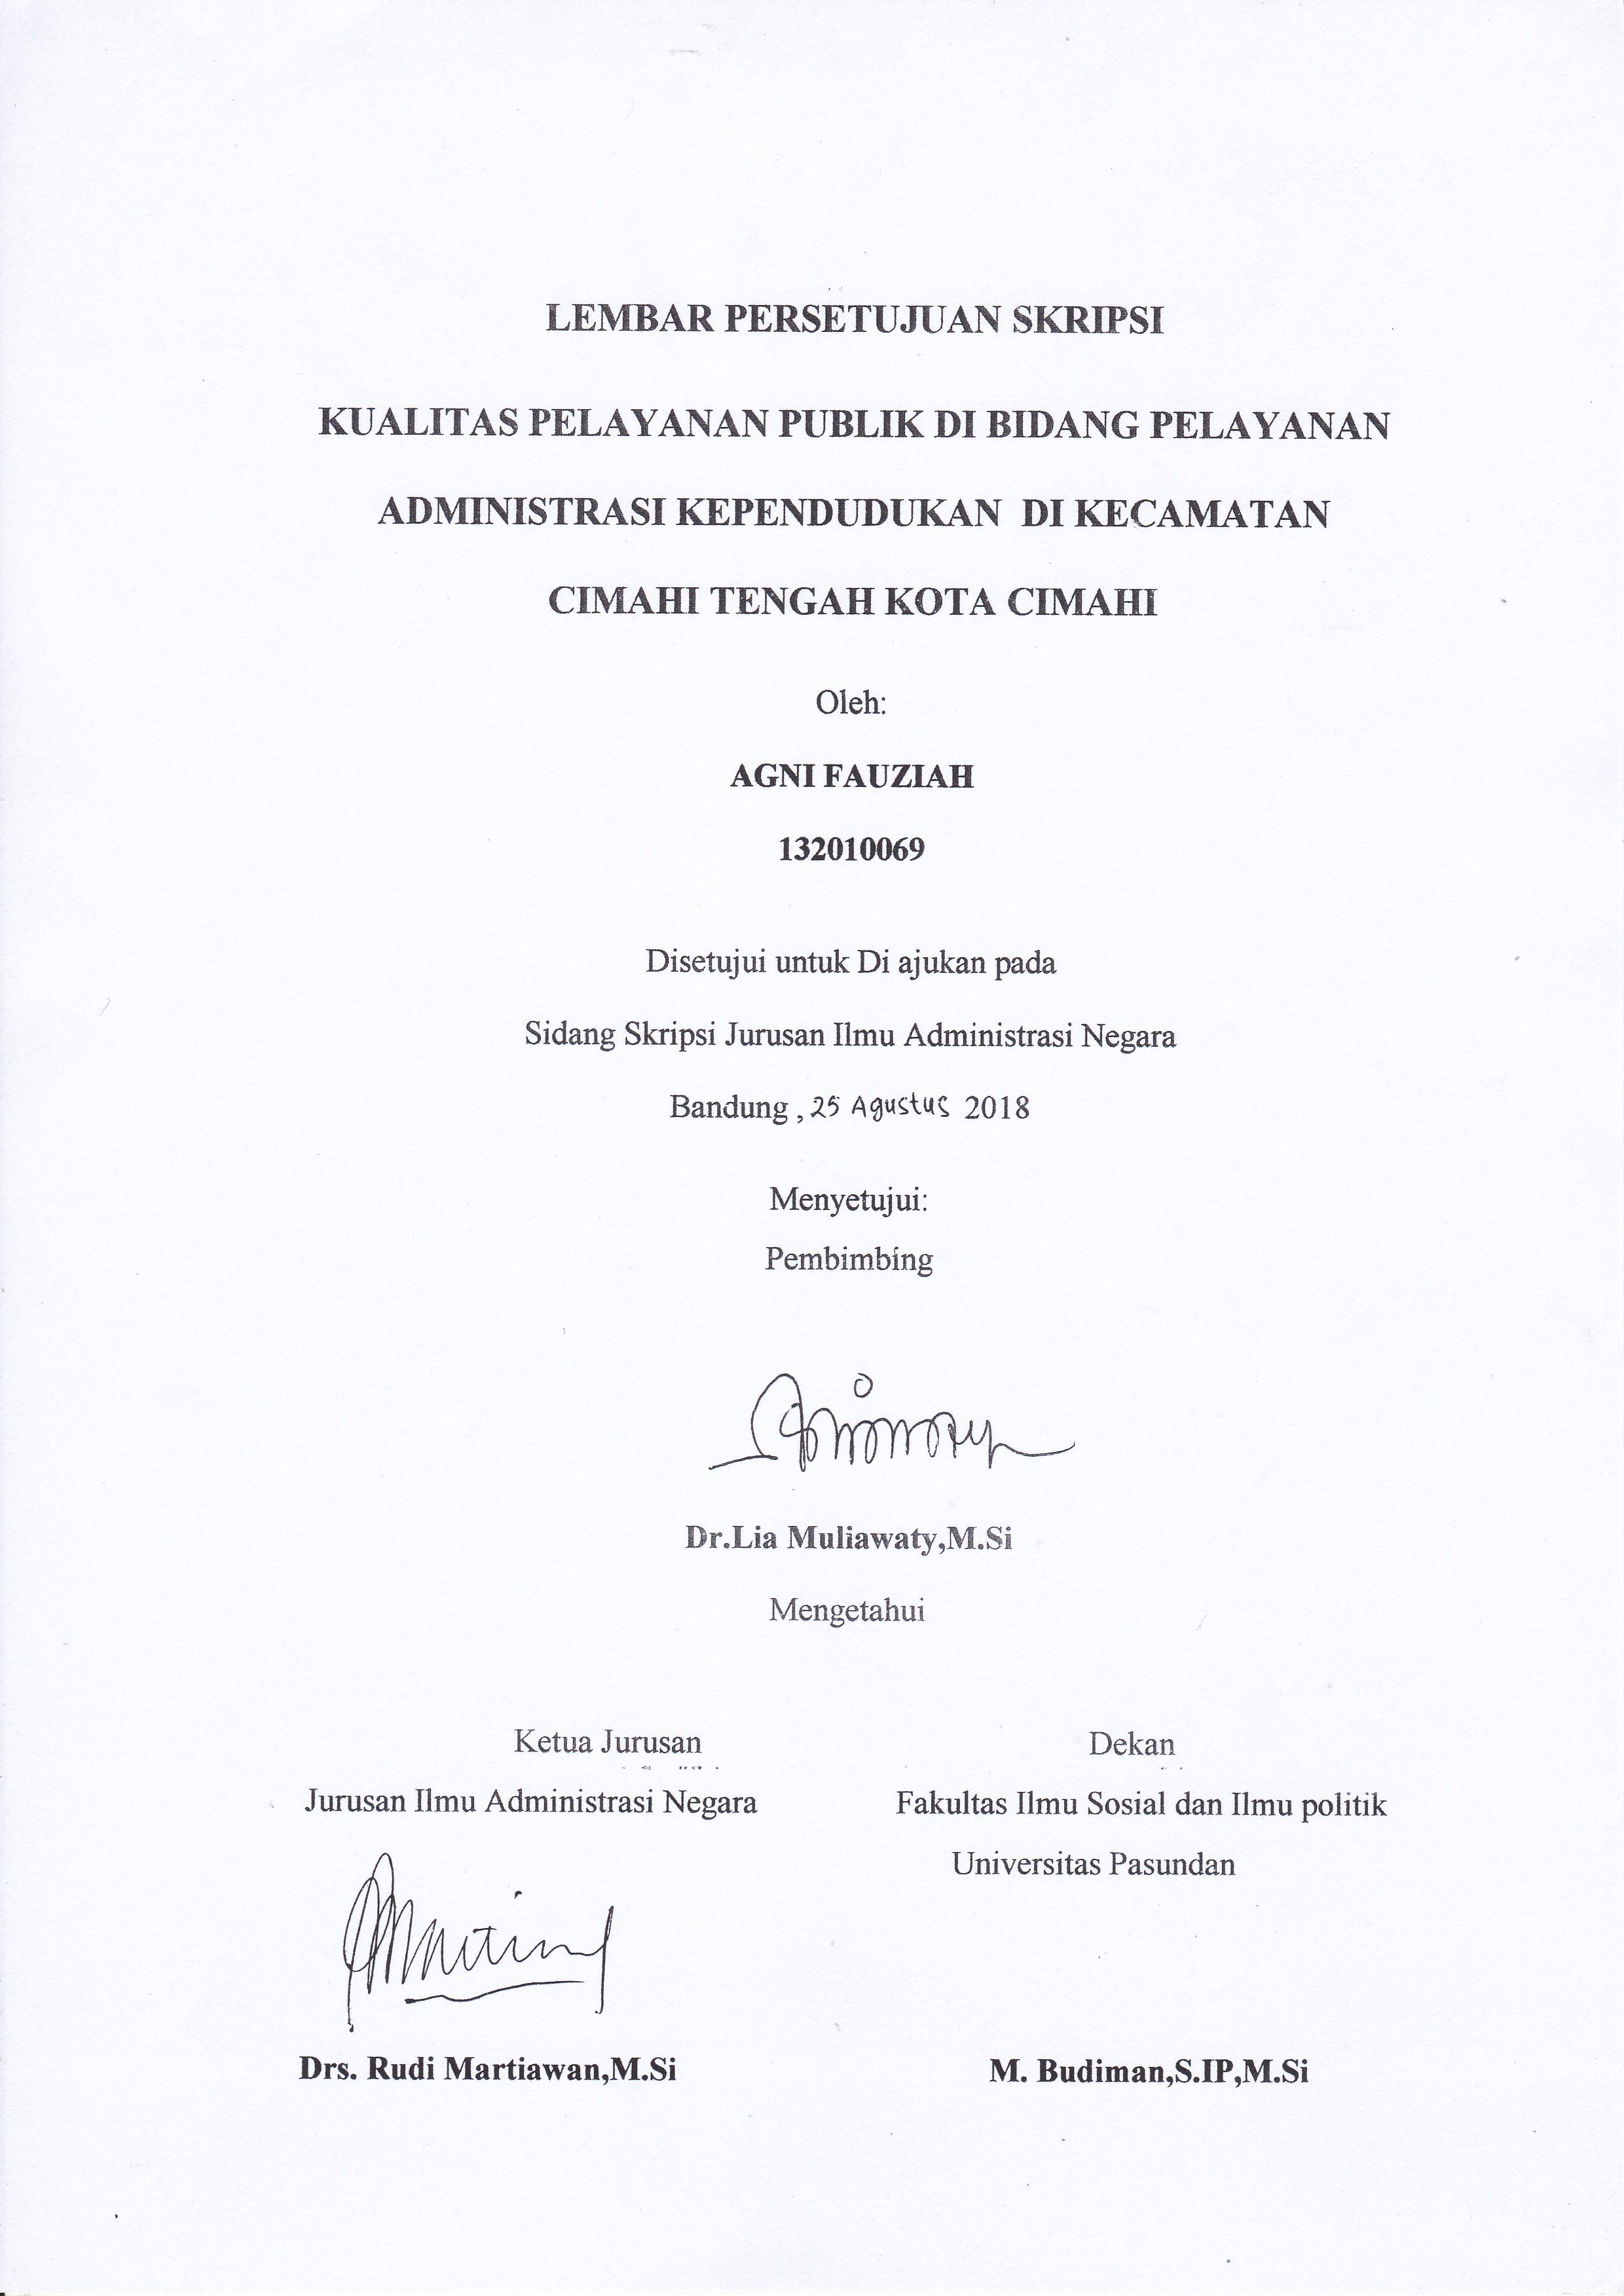 Contoh Skripsi Administrasi Publik Kualitatif Contoh Soal Dan